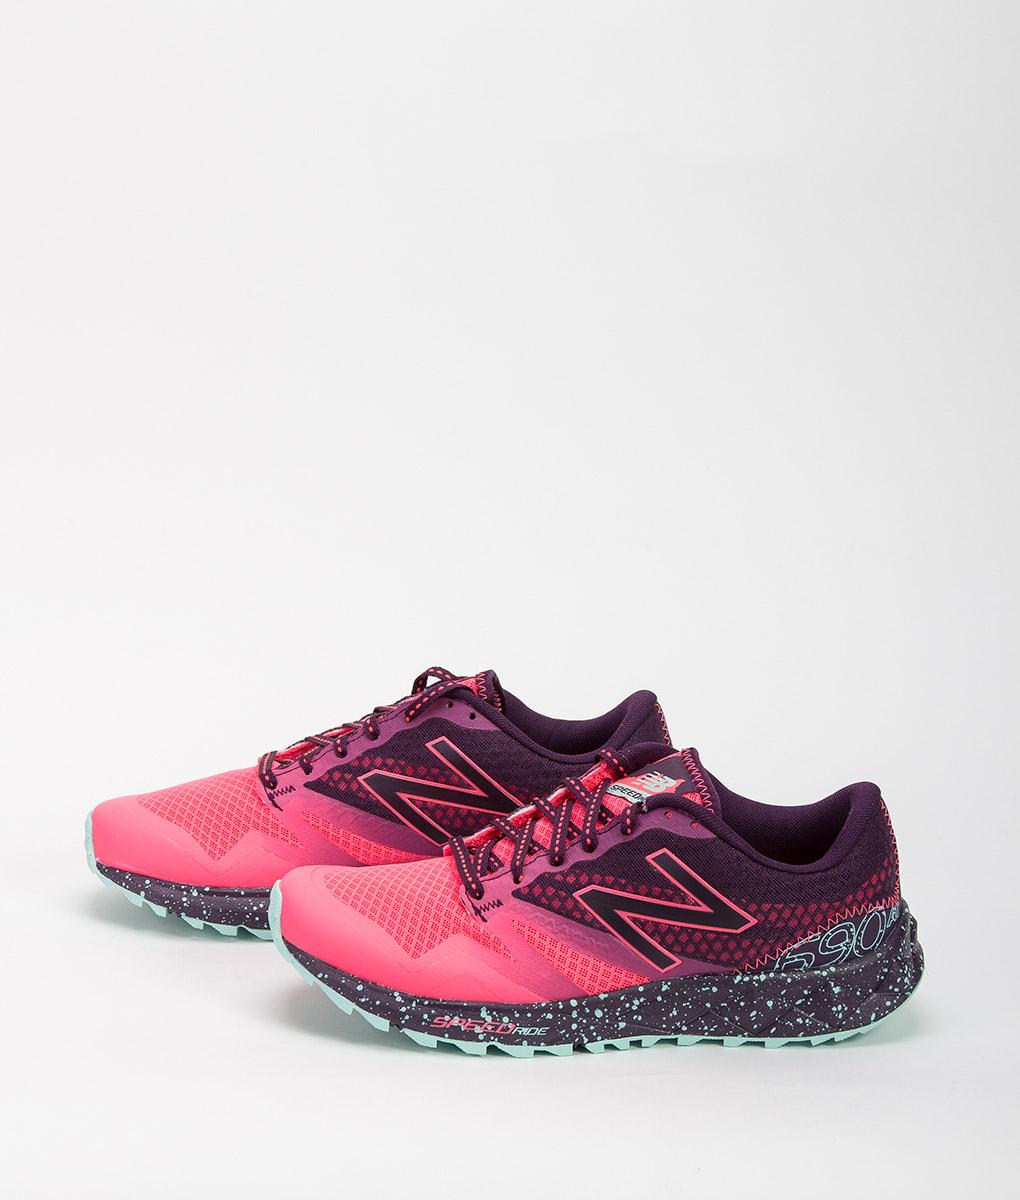 NEW BALANCE Women Running Shoes WT690